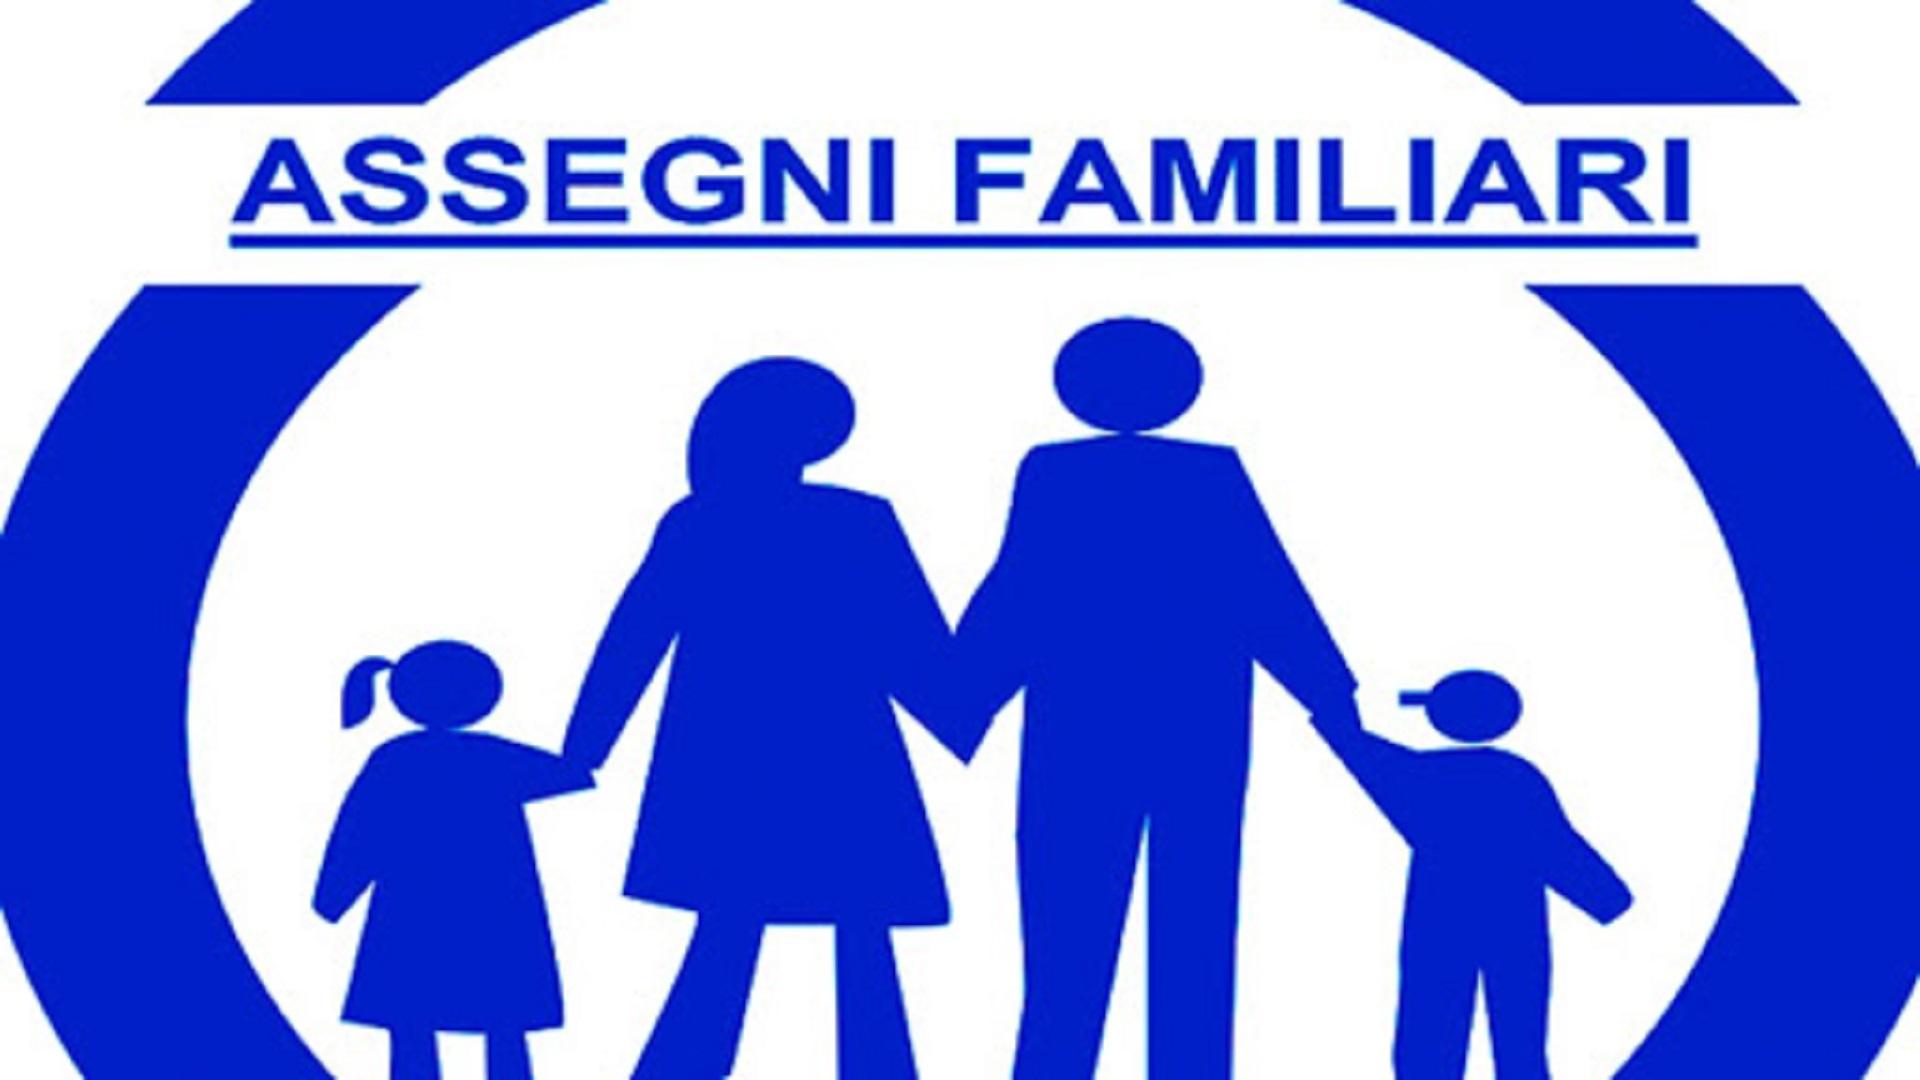 Un grande aiuto per tante famiglie: Arriva l'assegno unico